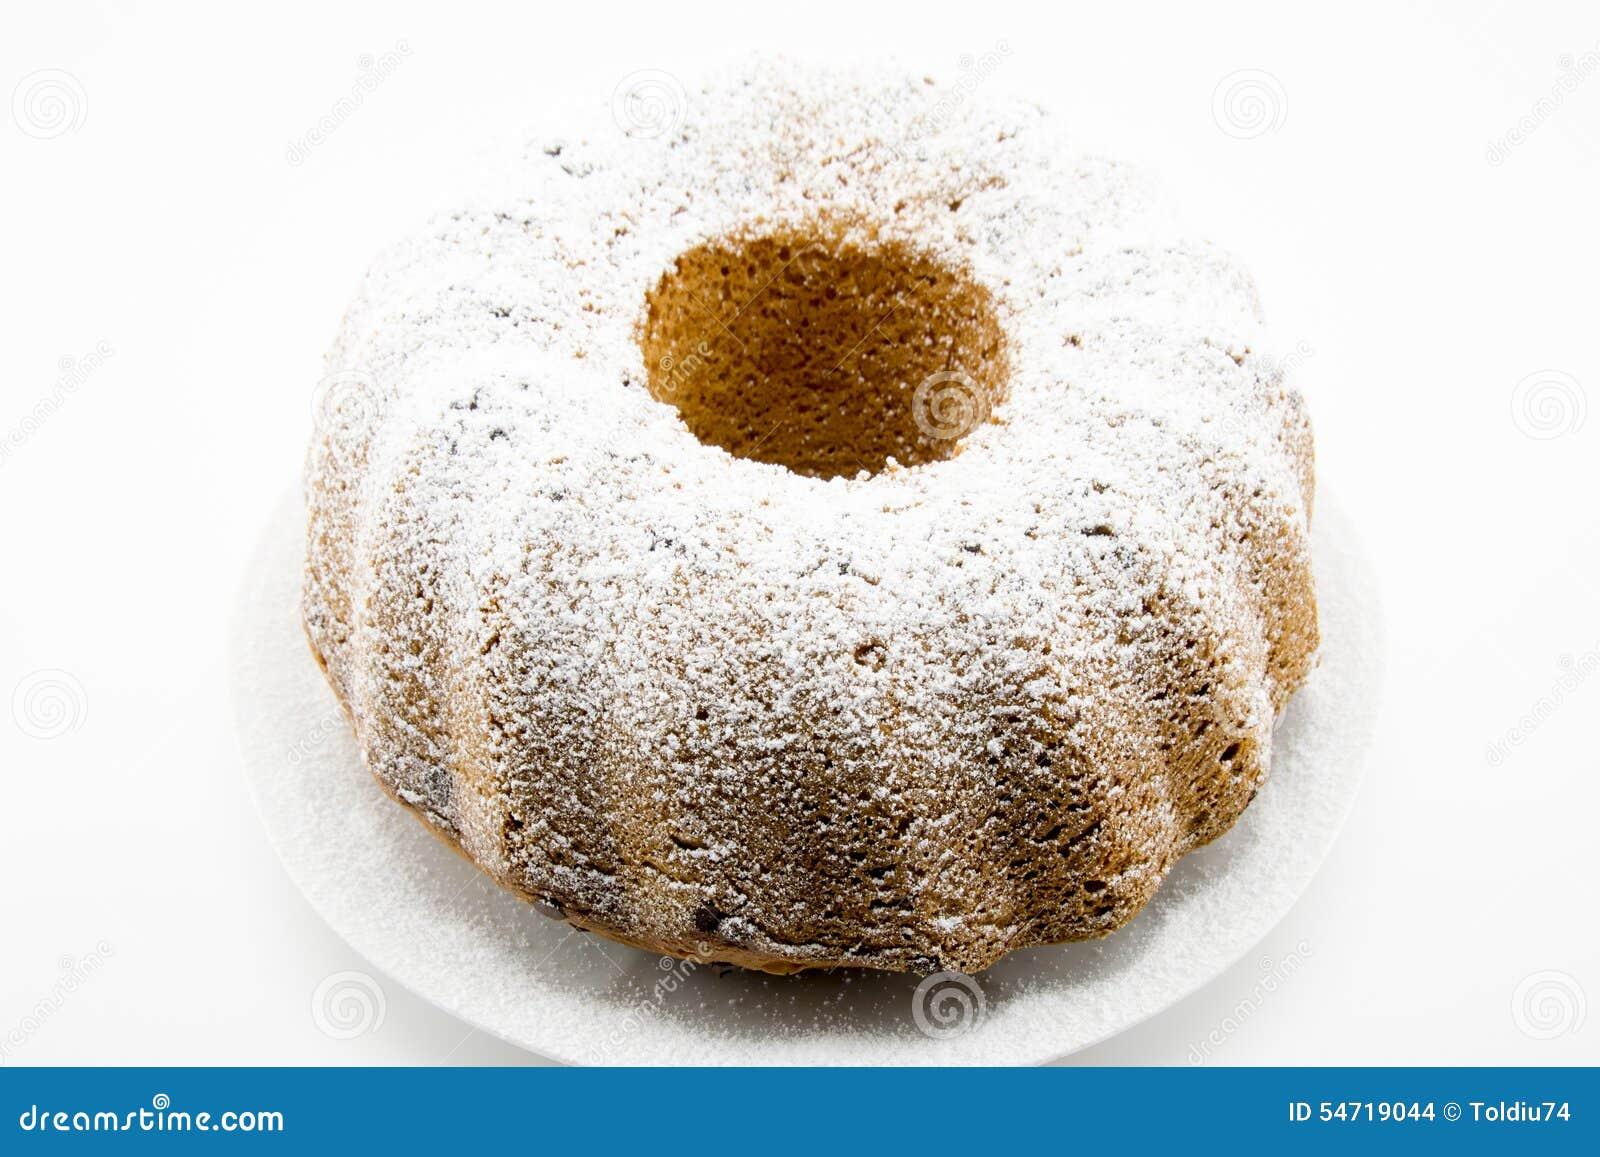 Klassischer Kuchen Mit Puderzucker Und Loch In Der Mitte Stockfoto